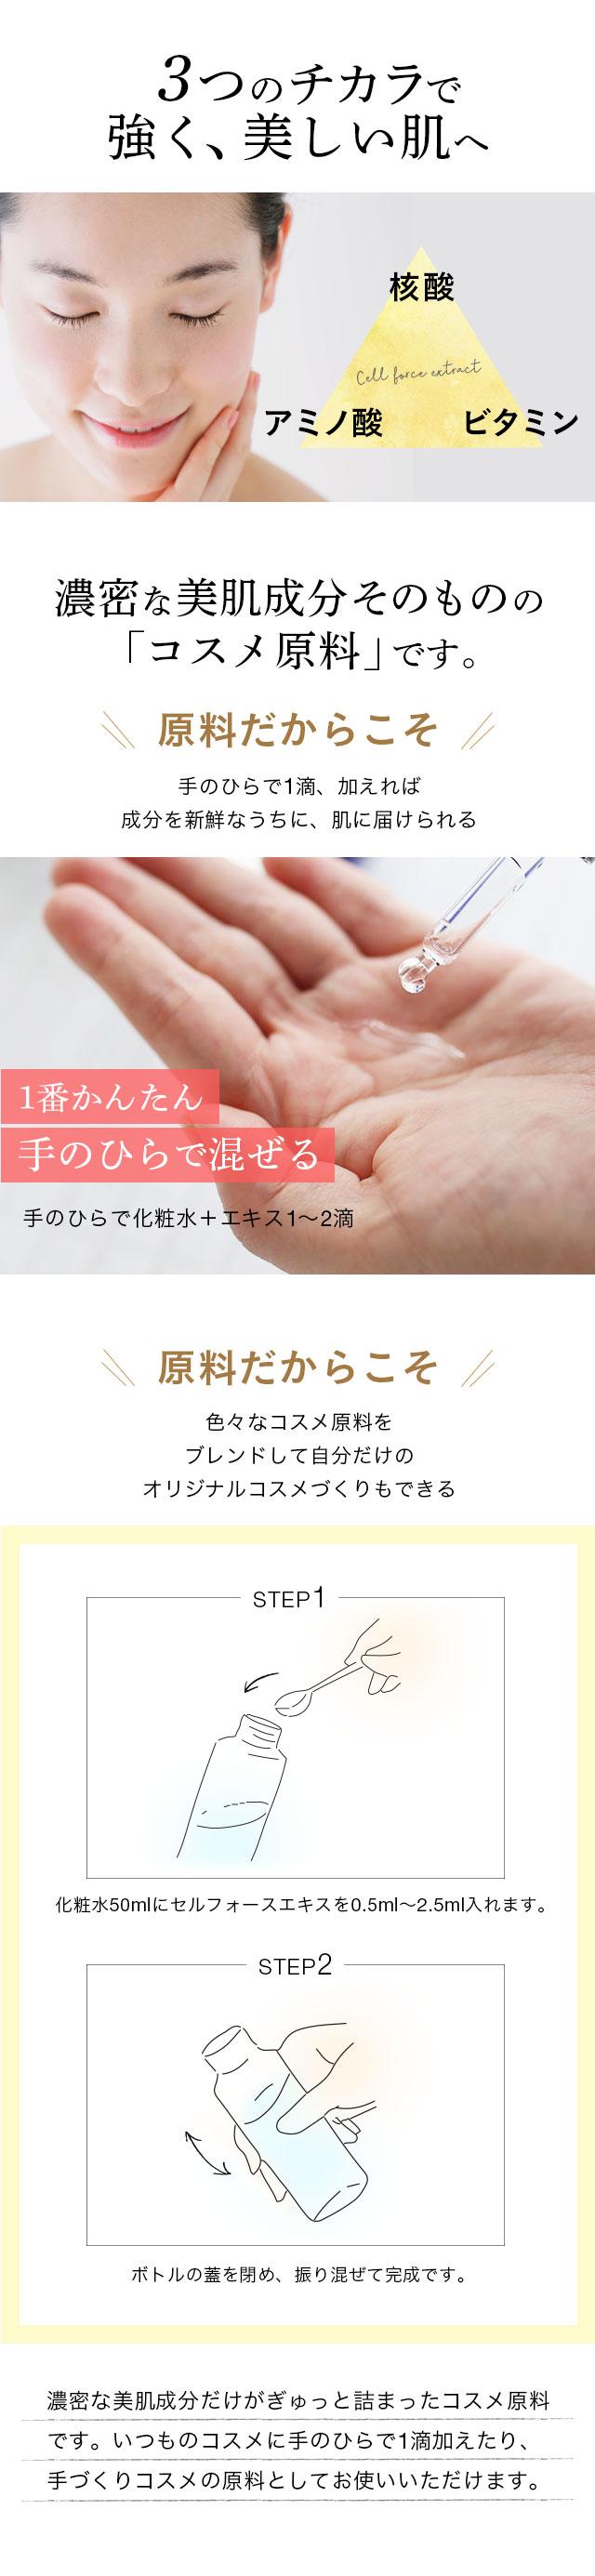 3つのチカラで強く、美しい肌へ。濃密な美肌成分そのものの「コスメ原料」です。